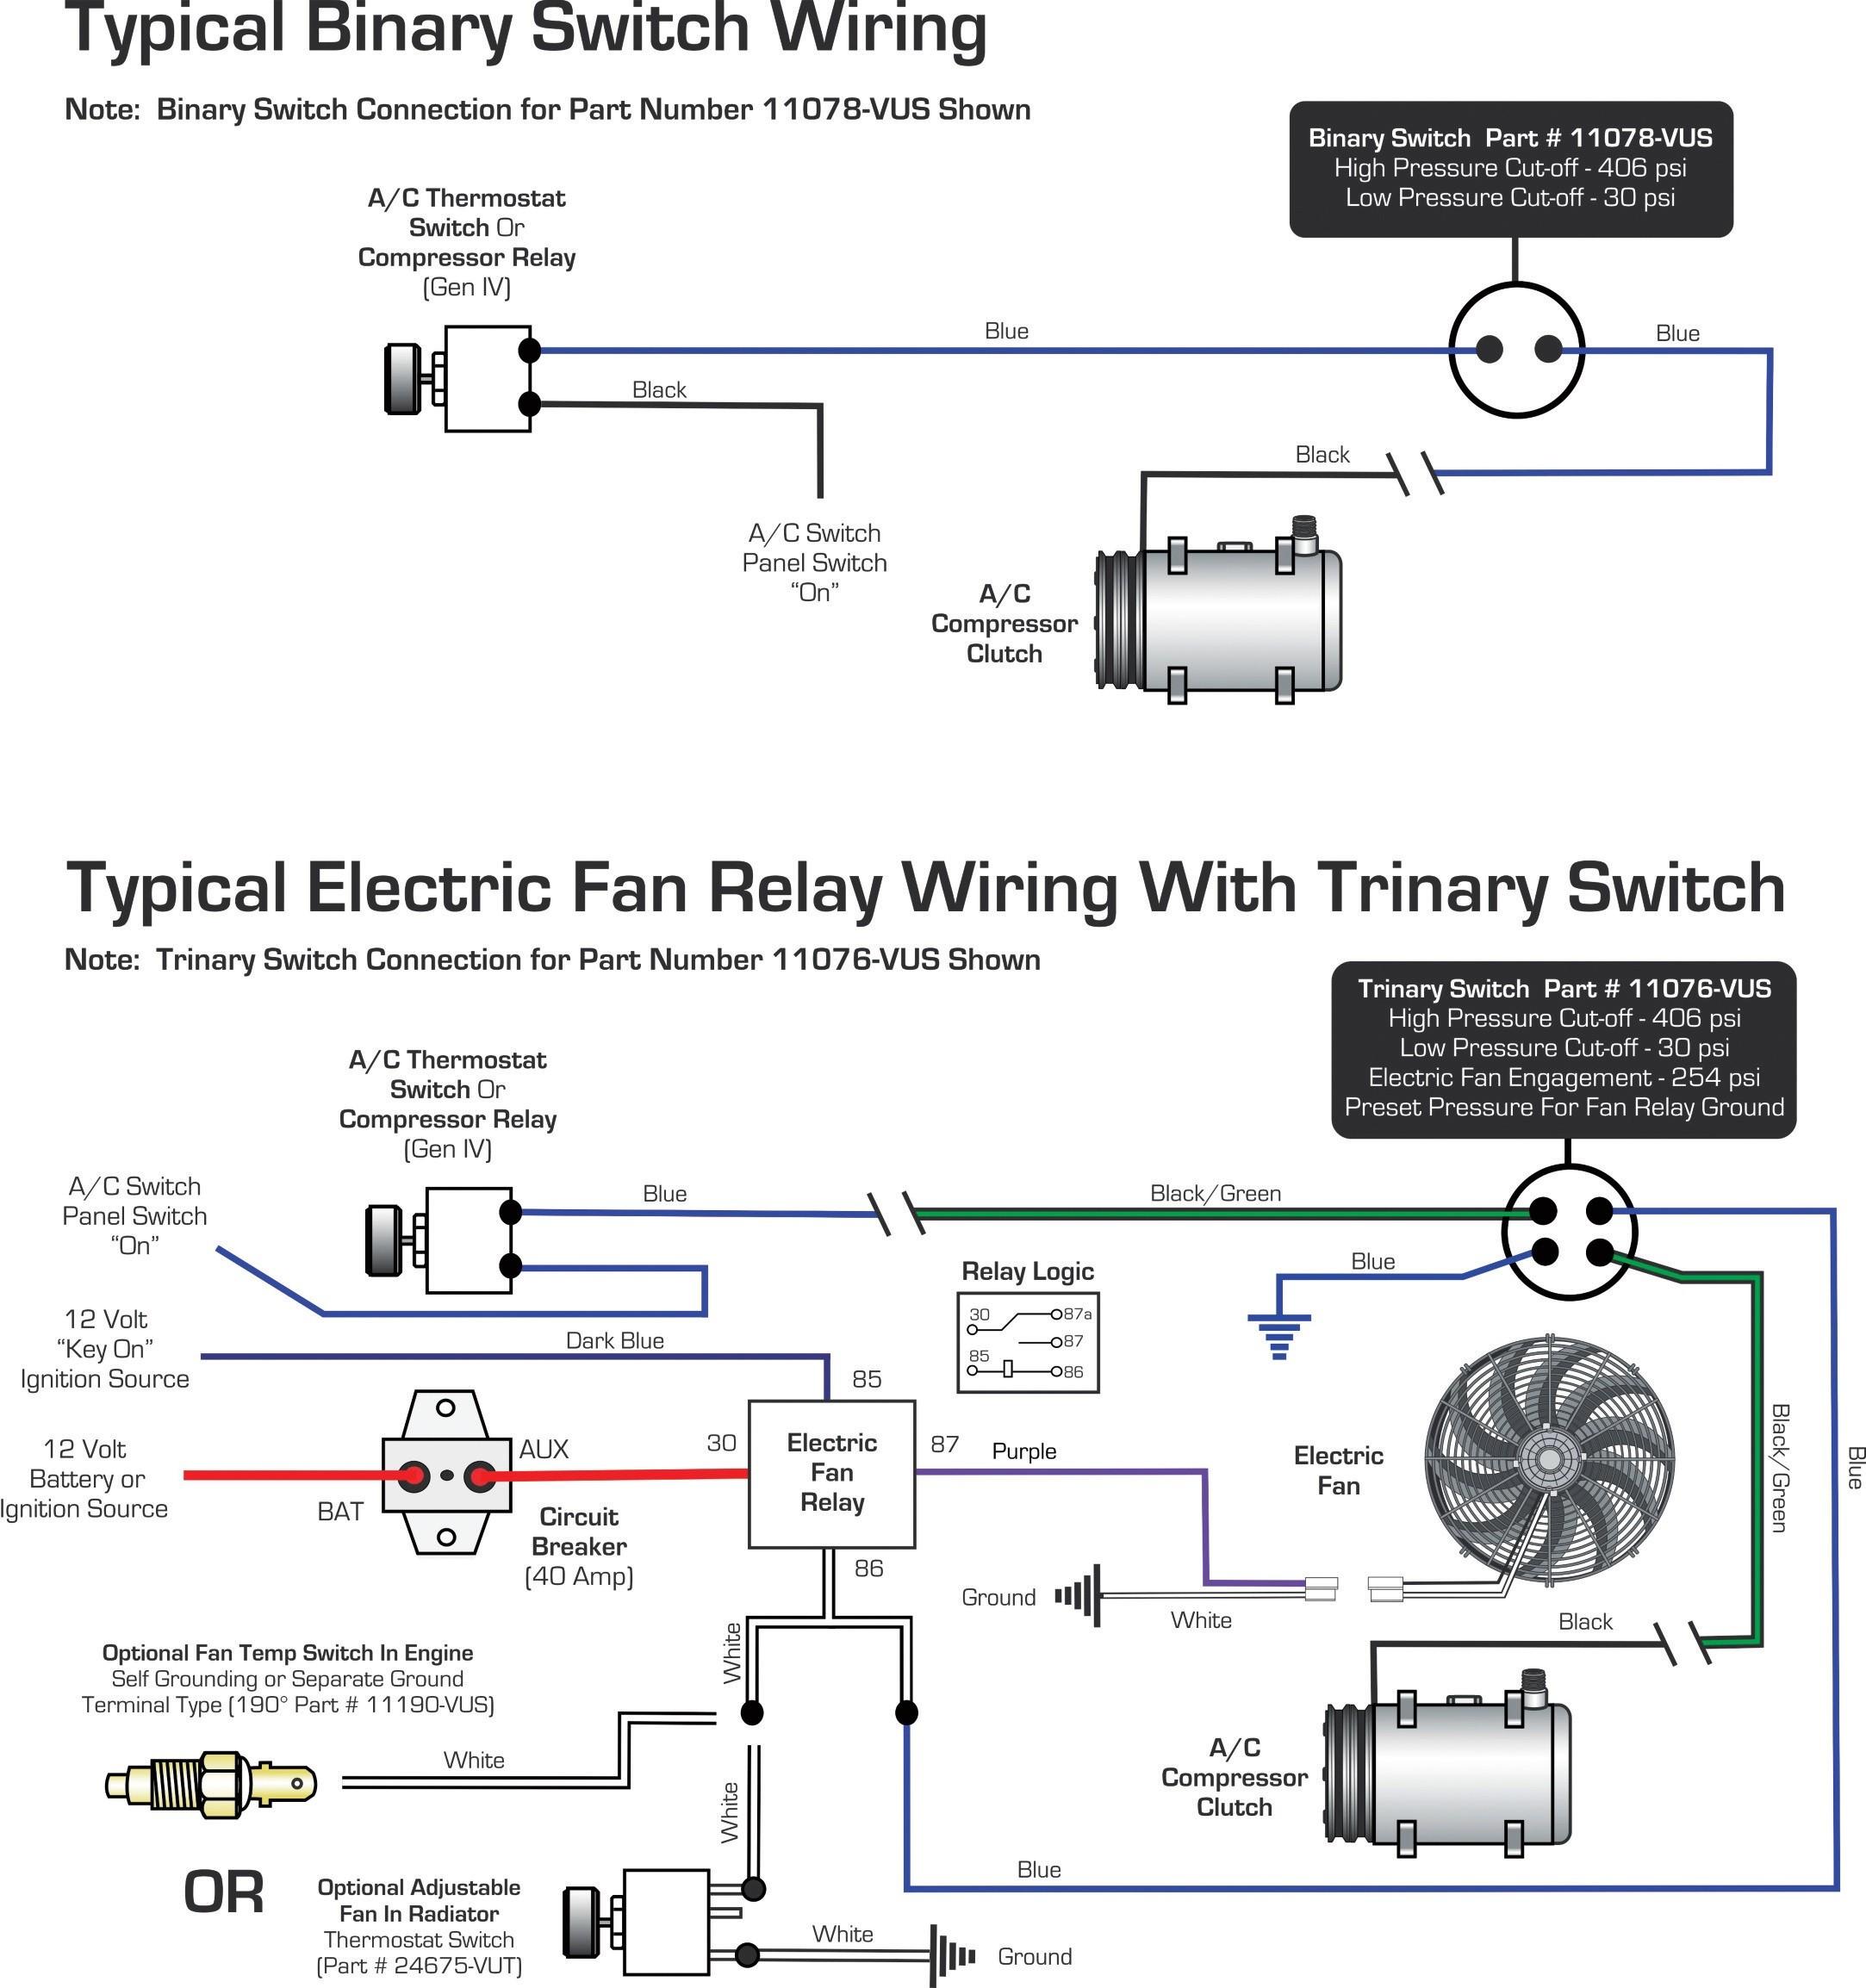 Trinary Switch Wiring Diagram